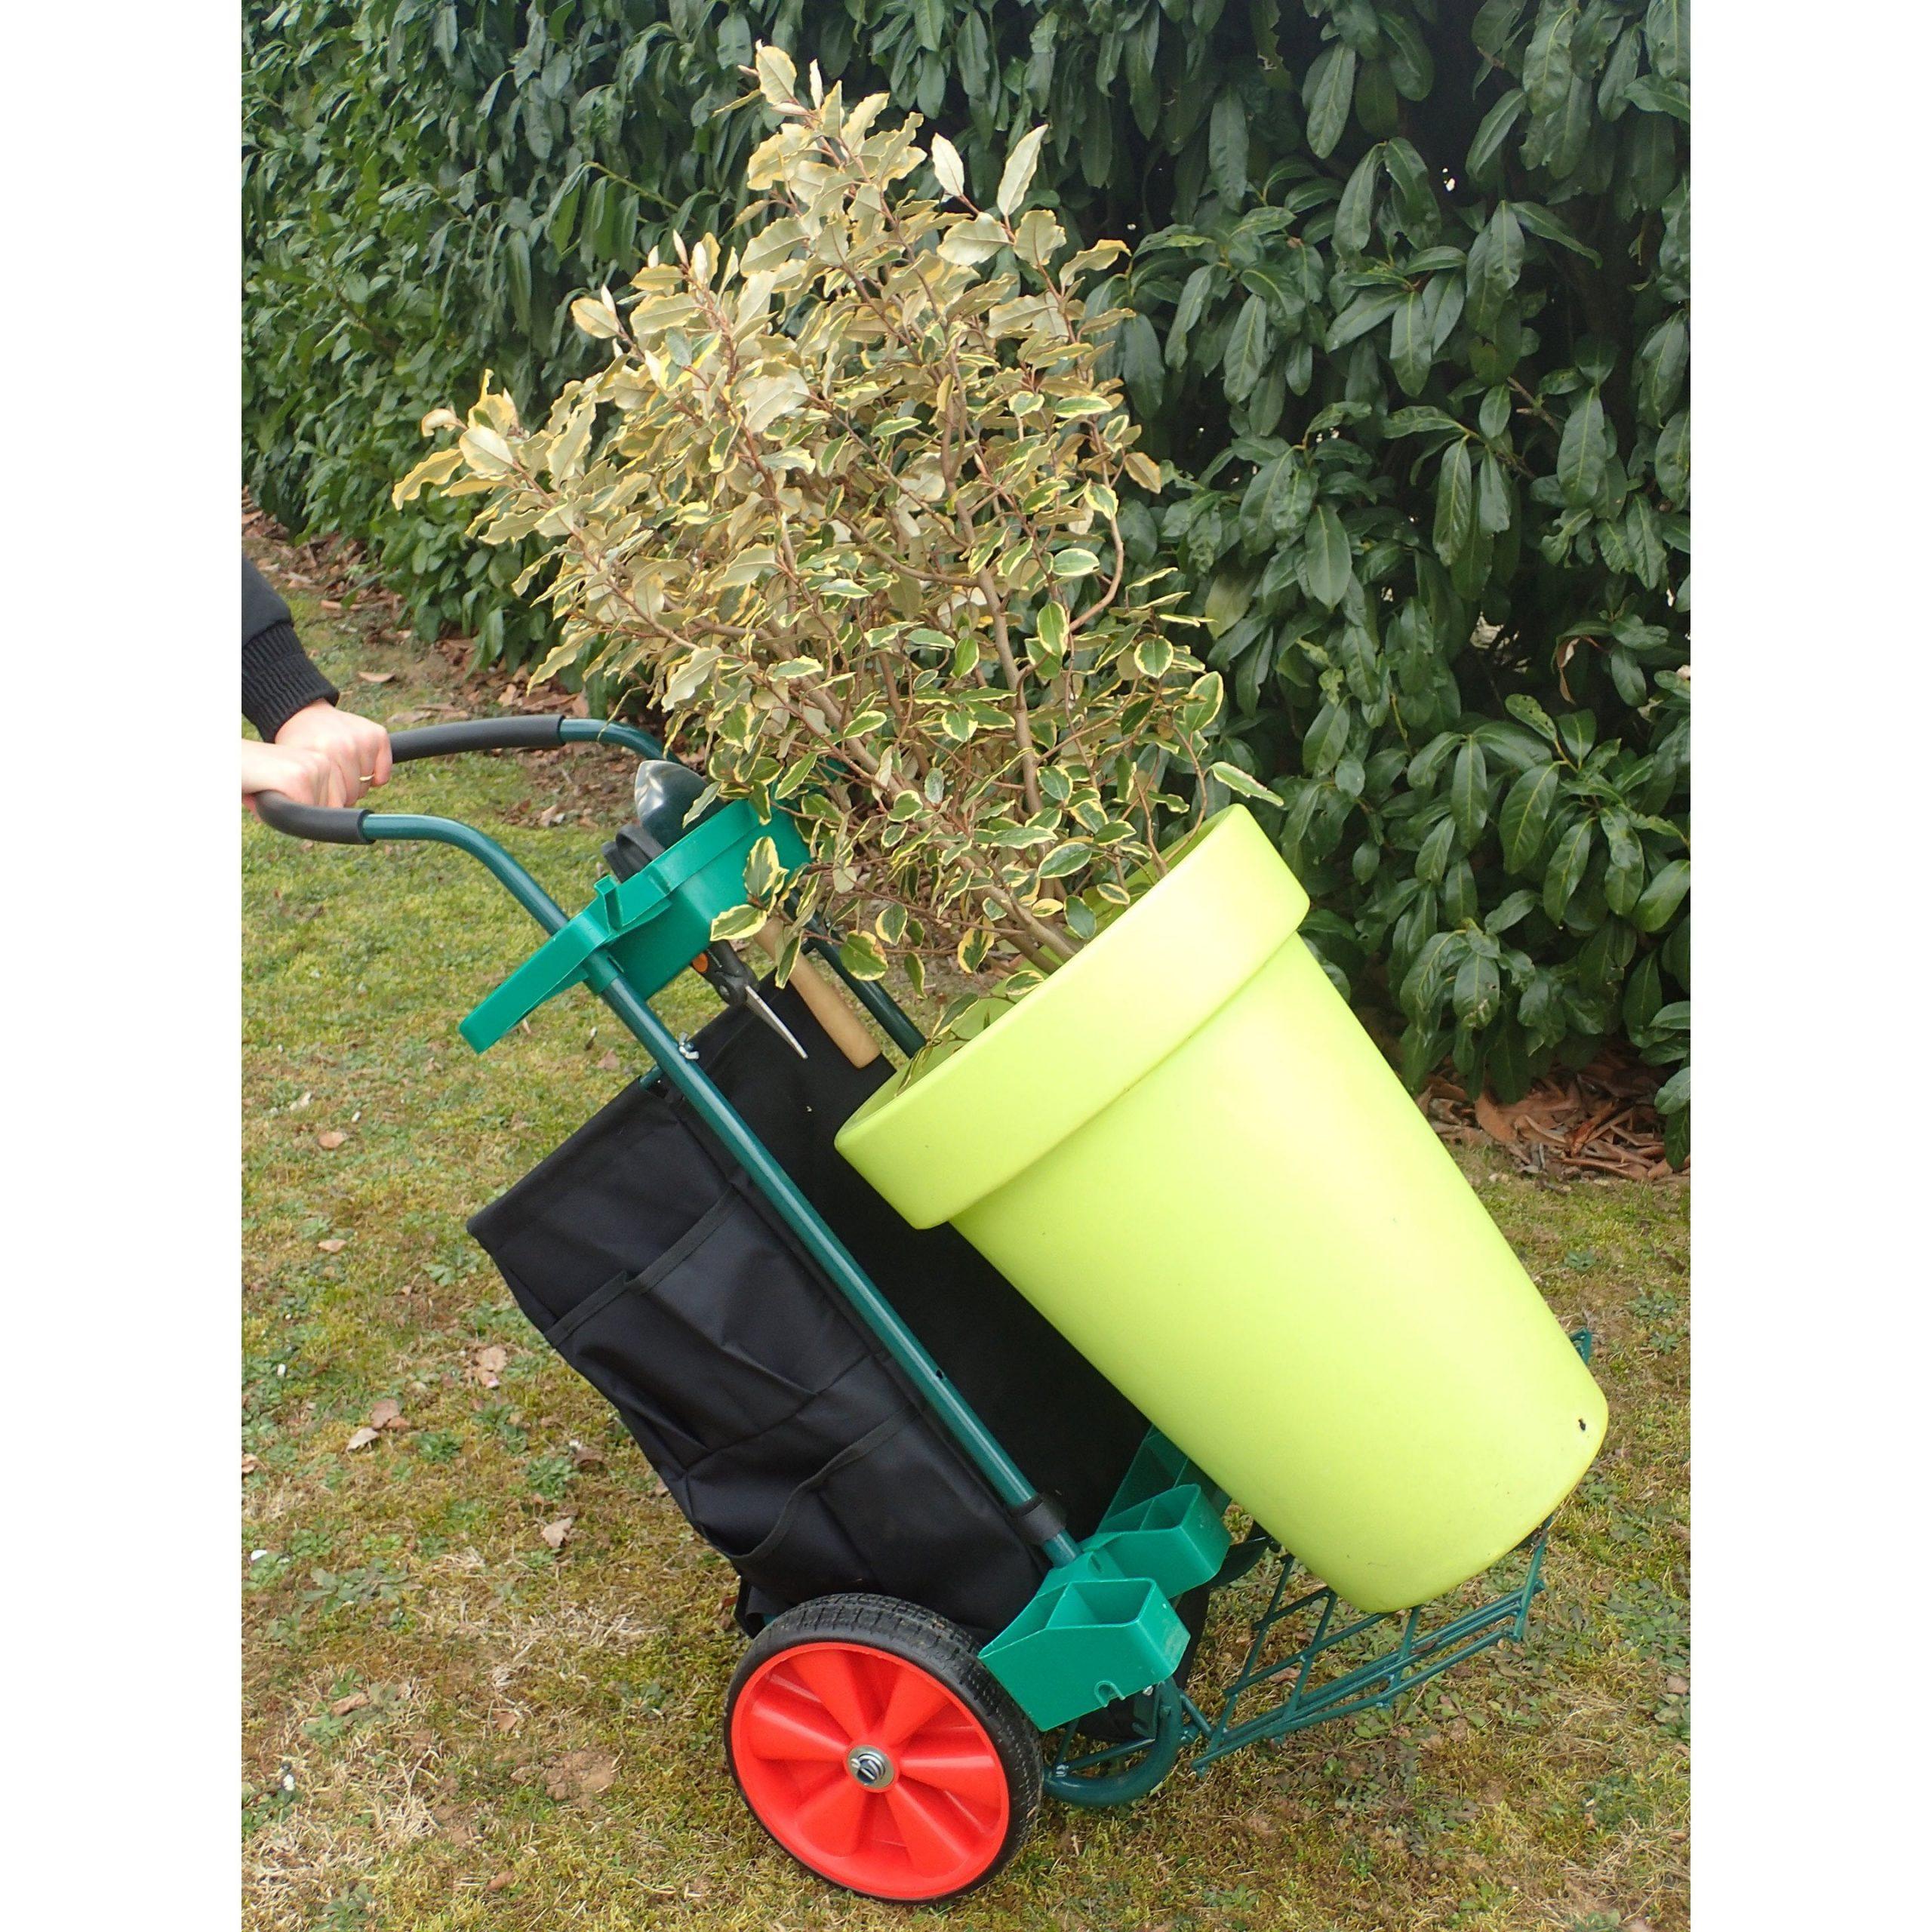 Vilmorin Chariot De Jardin Multifonction Dispositifs De ... dedans Chariot De Jardin 4 Roues